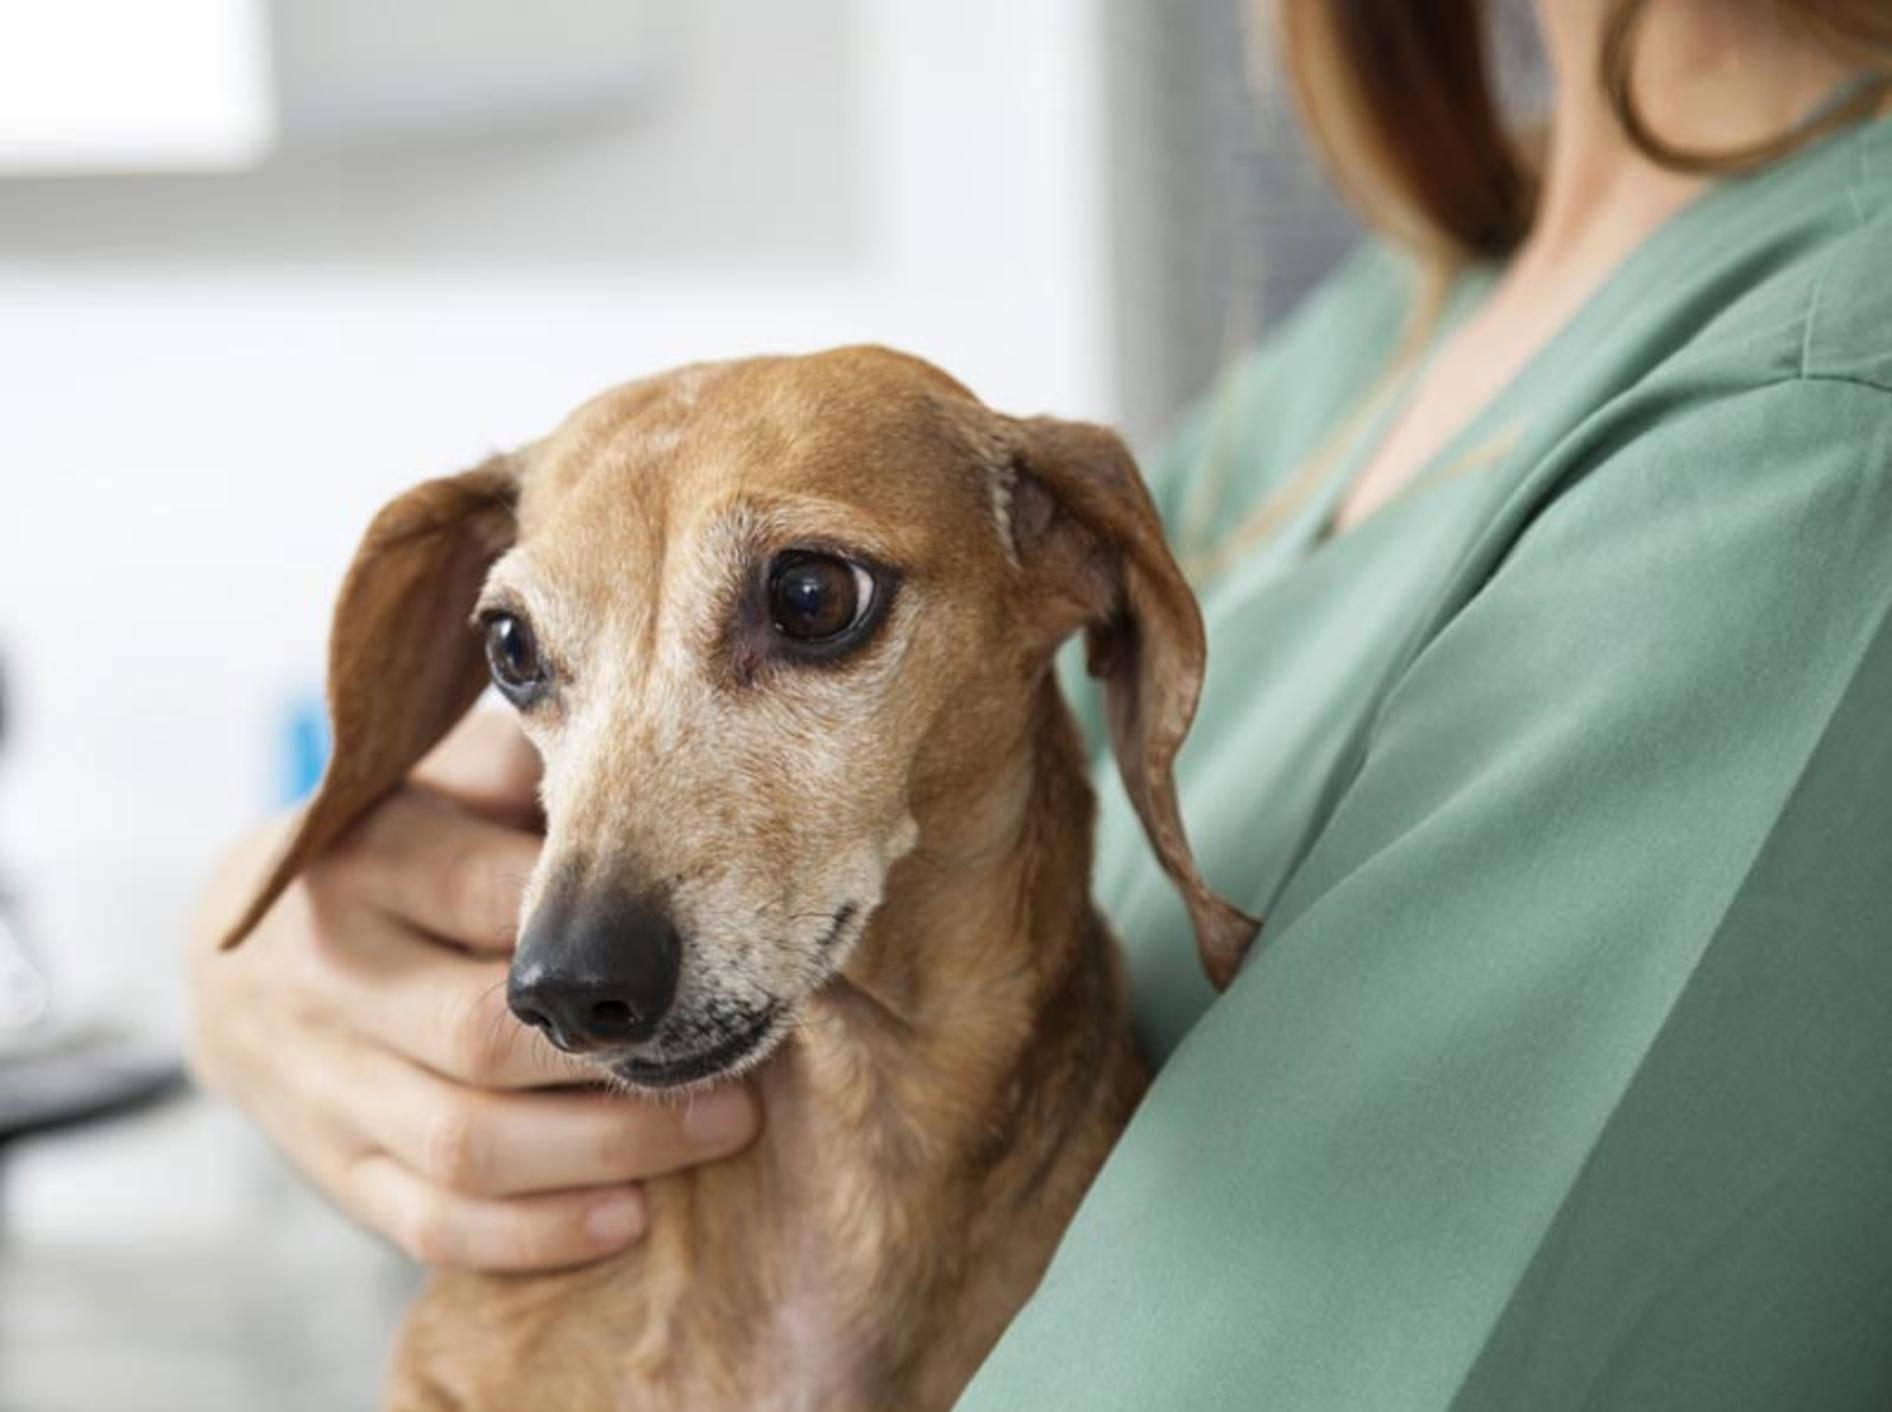 Einen Impfschutz für Hunde gegen FSME gibt es bislang noch nicht – Bild: Shutterstock / Tyler Olson